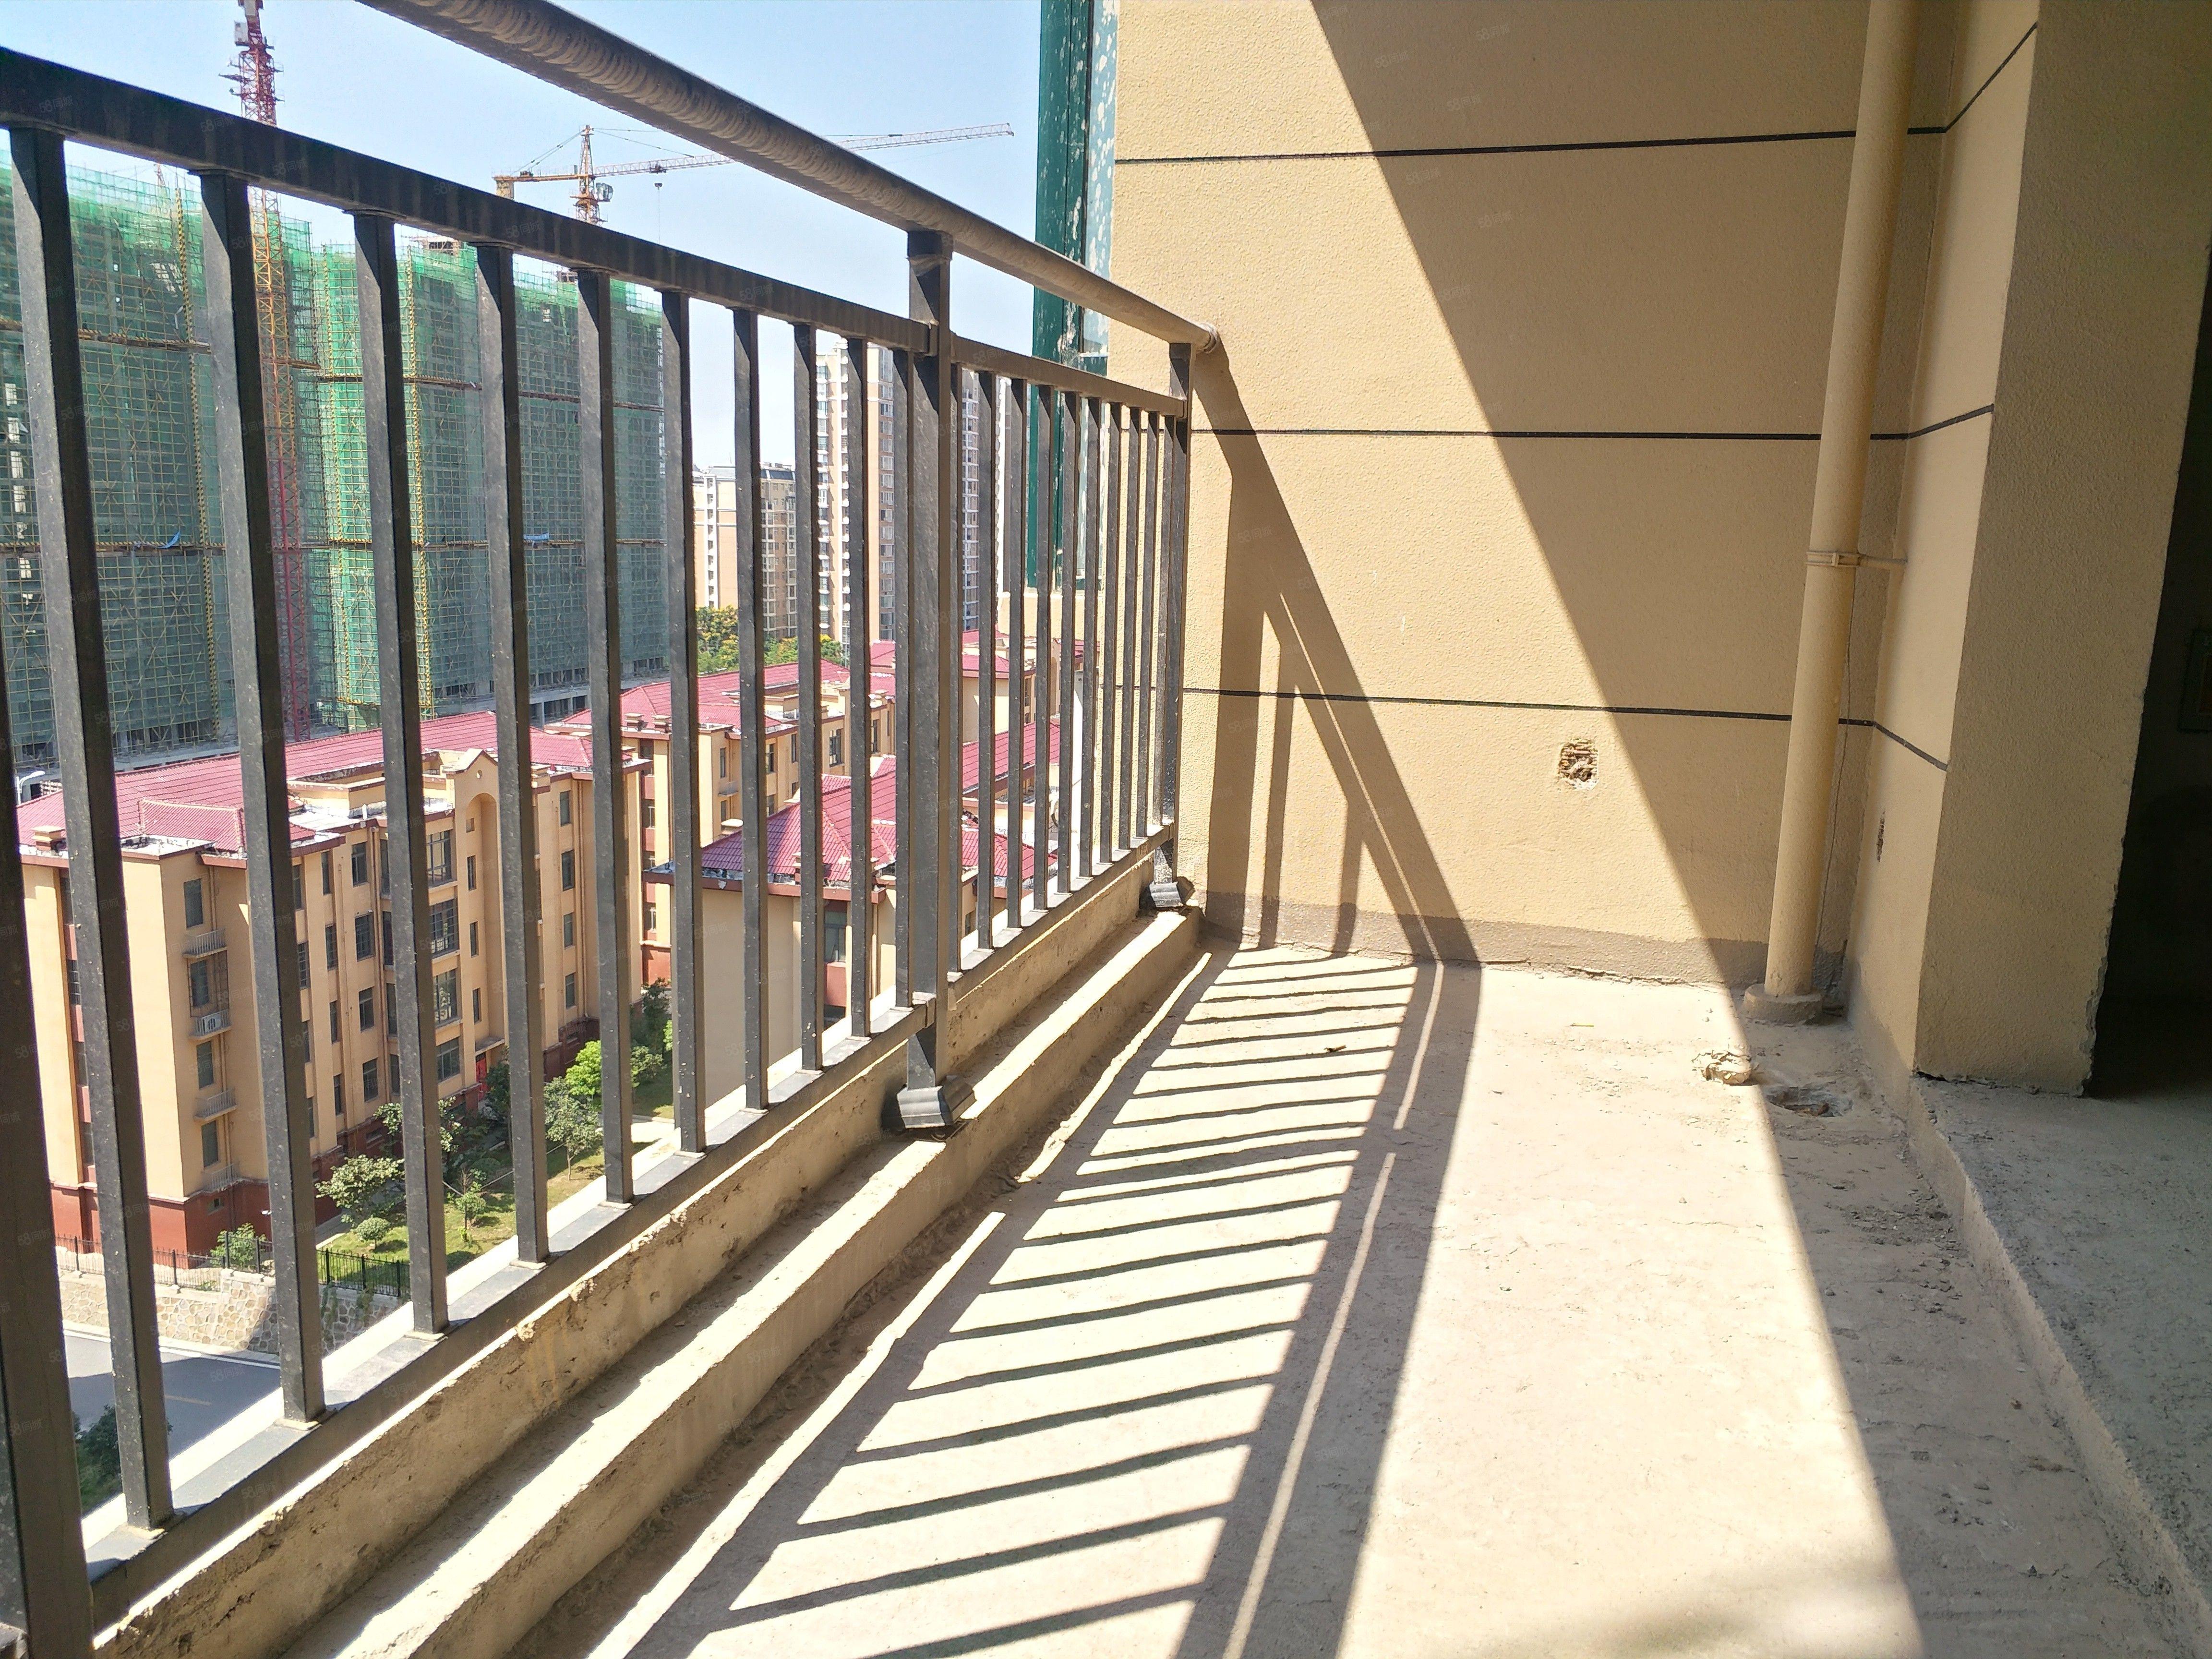 羊山外语小学旁清华园全新毛坯大三房观景楼层正常首付按揭